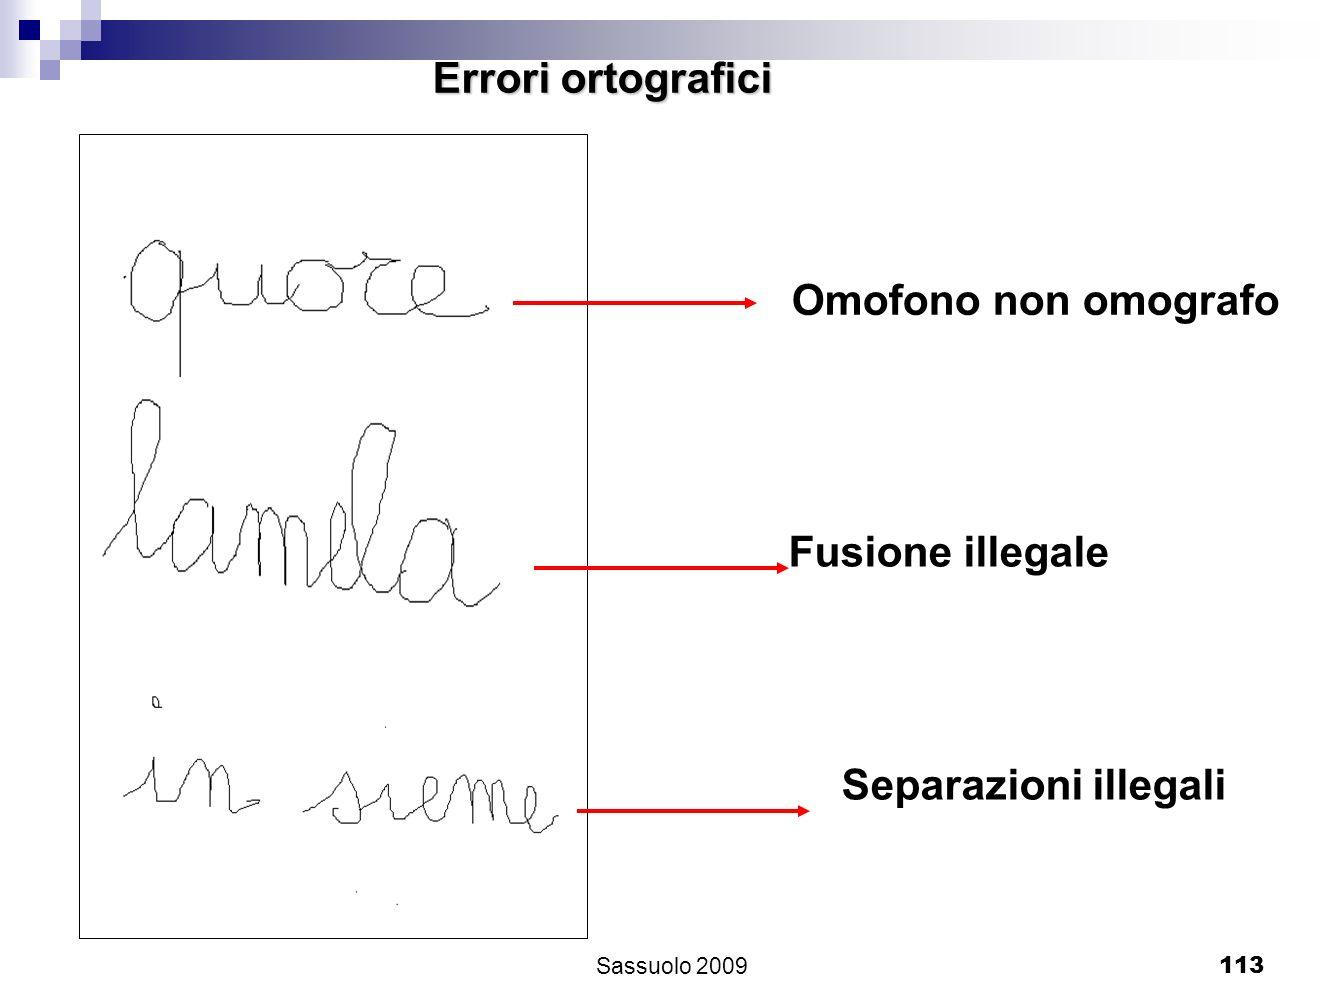 113 Omofono non omografo Errori ortografici Fusione illegale Separazioni illegali Sassuolo 2009